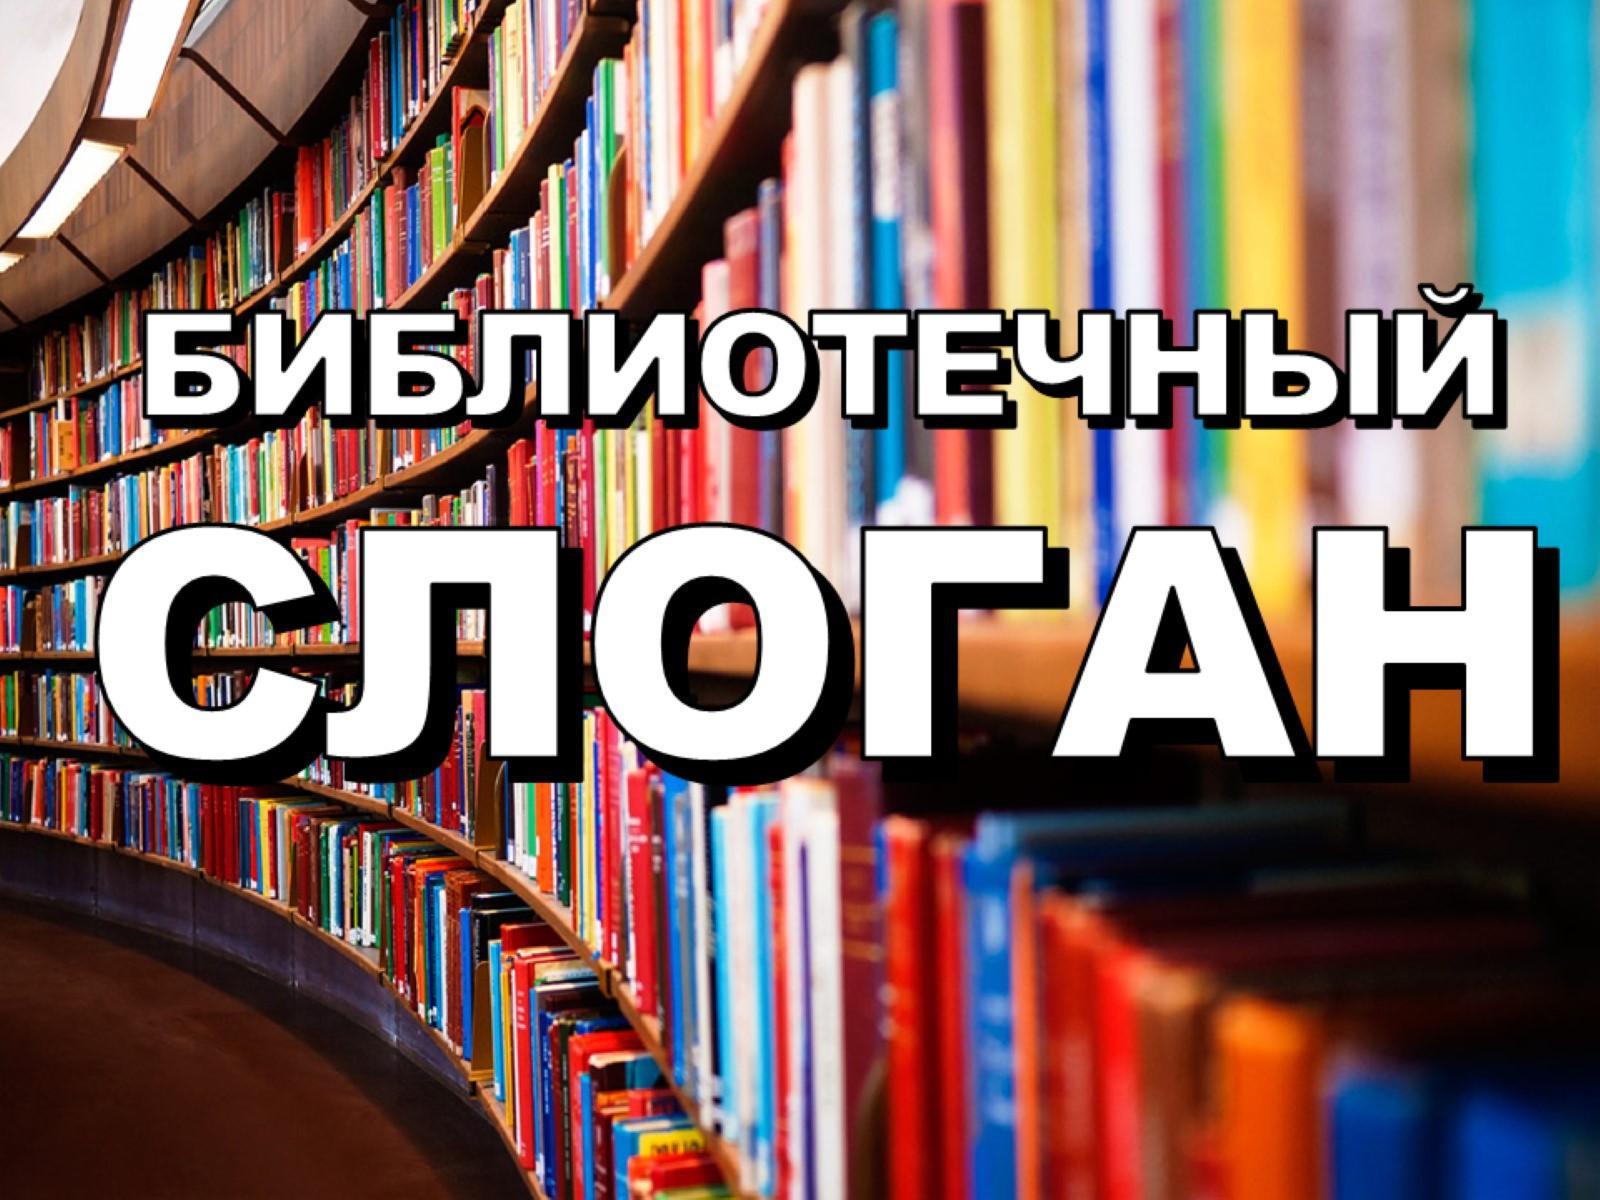 Библиотечный креатив